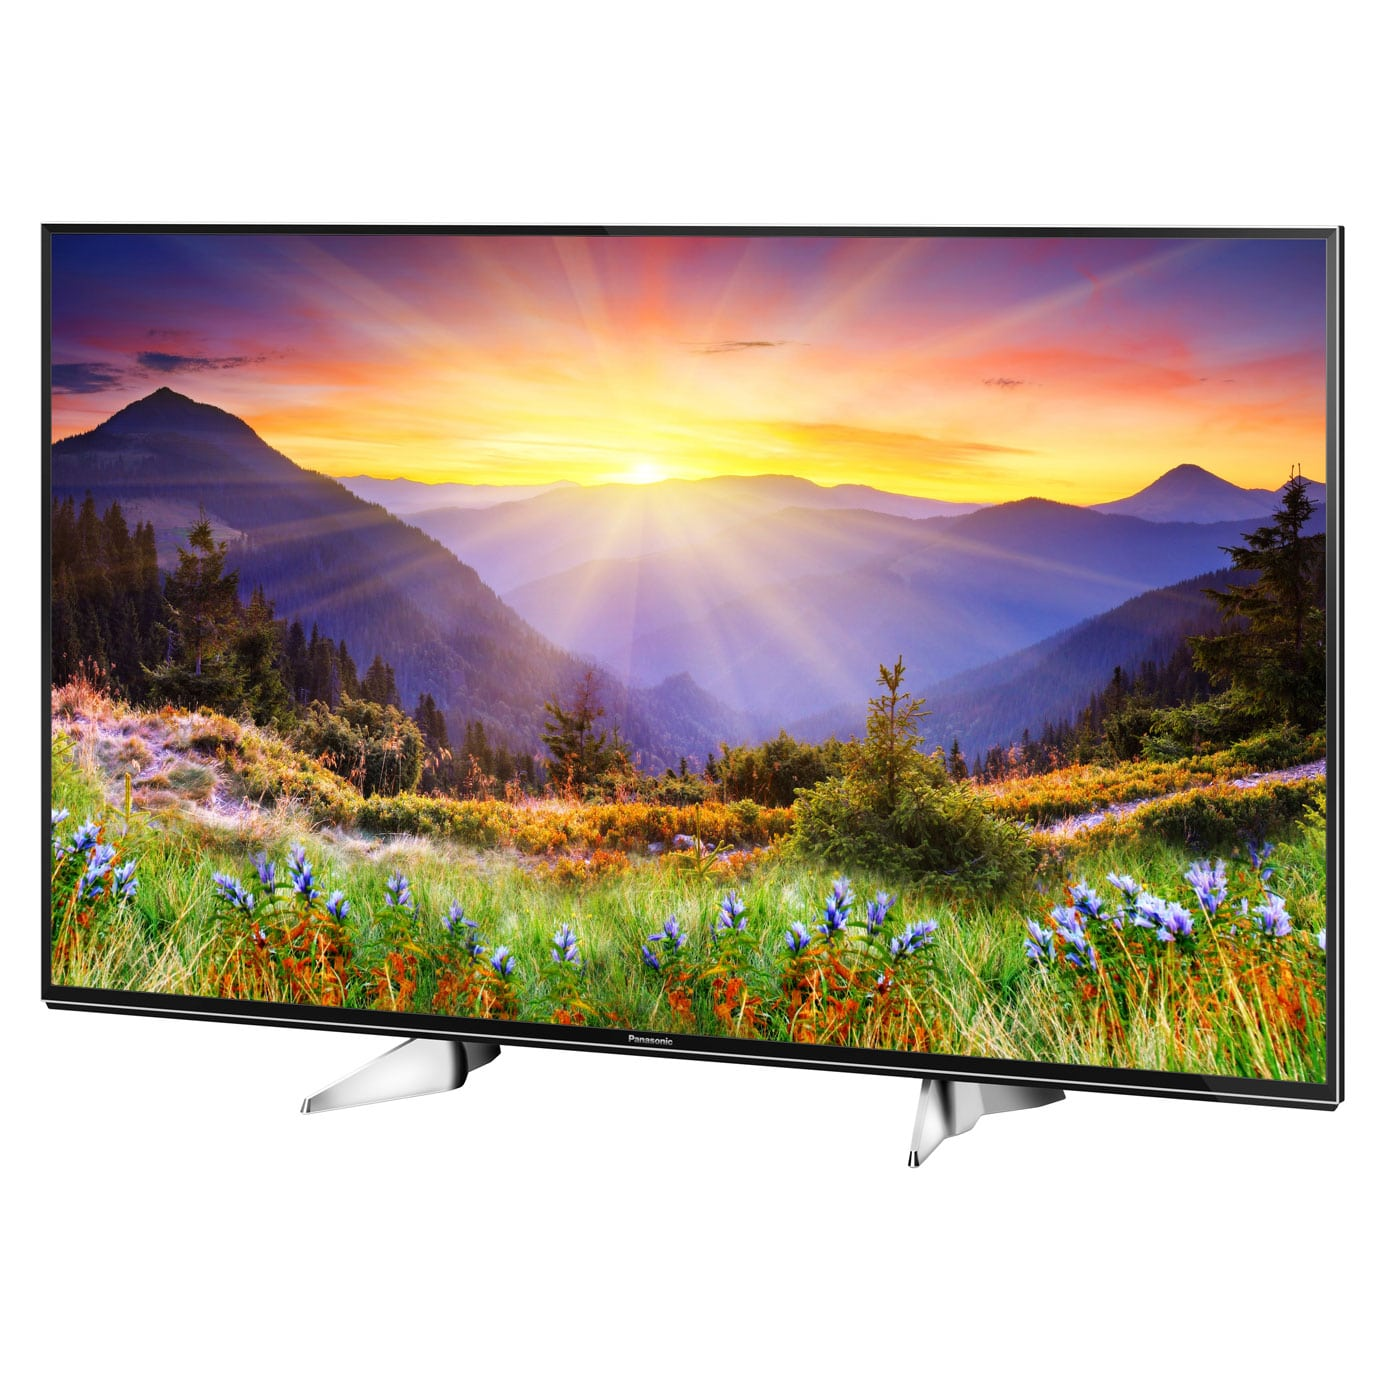 Choisir Sa Tv En Fonction De La Distance comparatif smart tv 2020 : quelle télévision connectée acheter ?